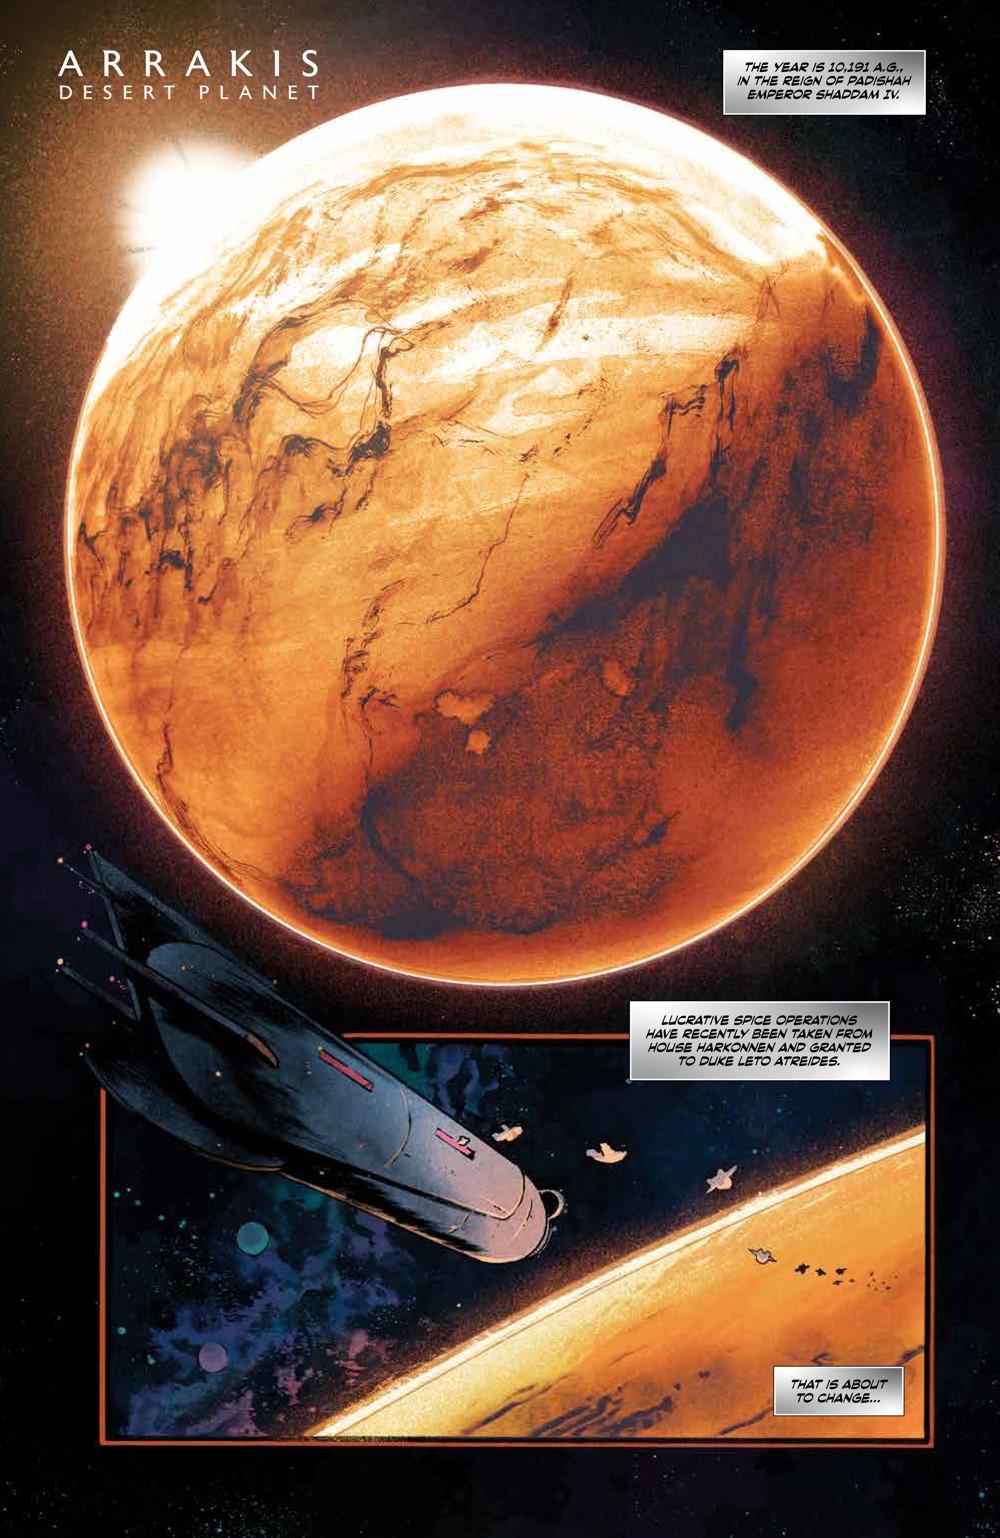 Dune_BloodSardaukar_001_PRESS_3 ComicList Previews: DUNE BLOOD OF THE SARDAUKAR #1